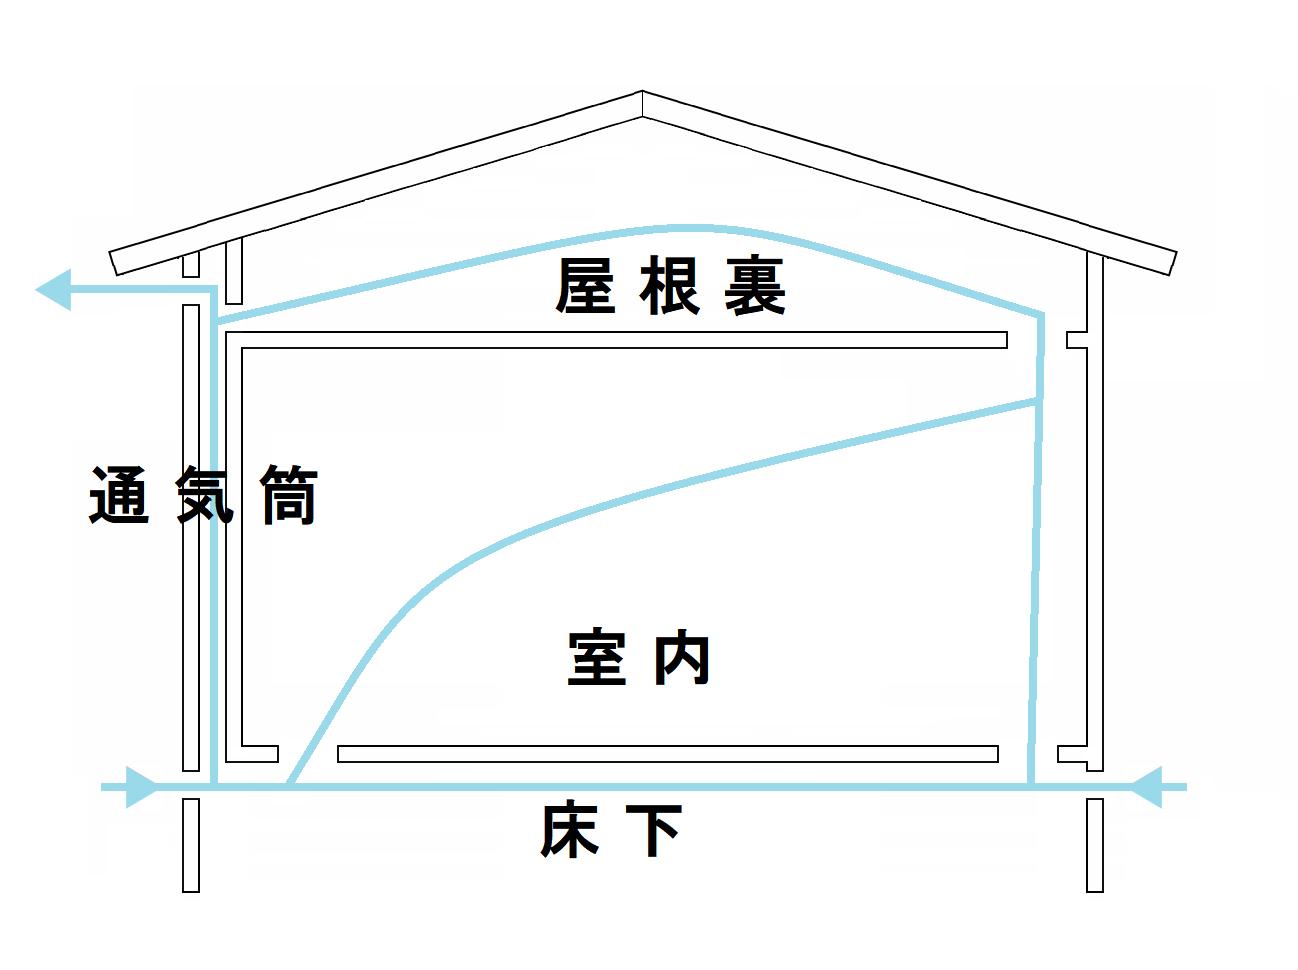 パッシブ換気の一例としては、床下の冷たい空気を全室内くまなく循環させて、最終的に屋根から排出するように換気計画するものです。